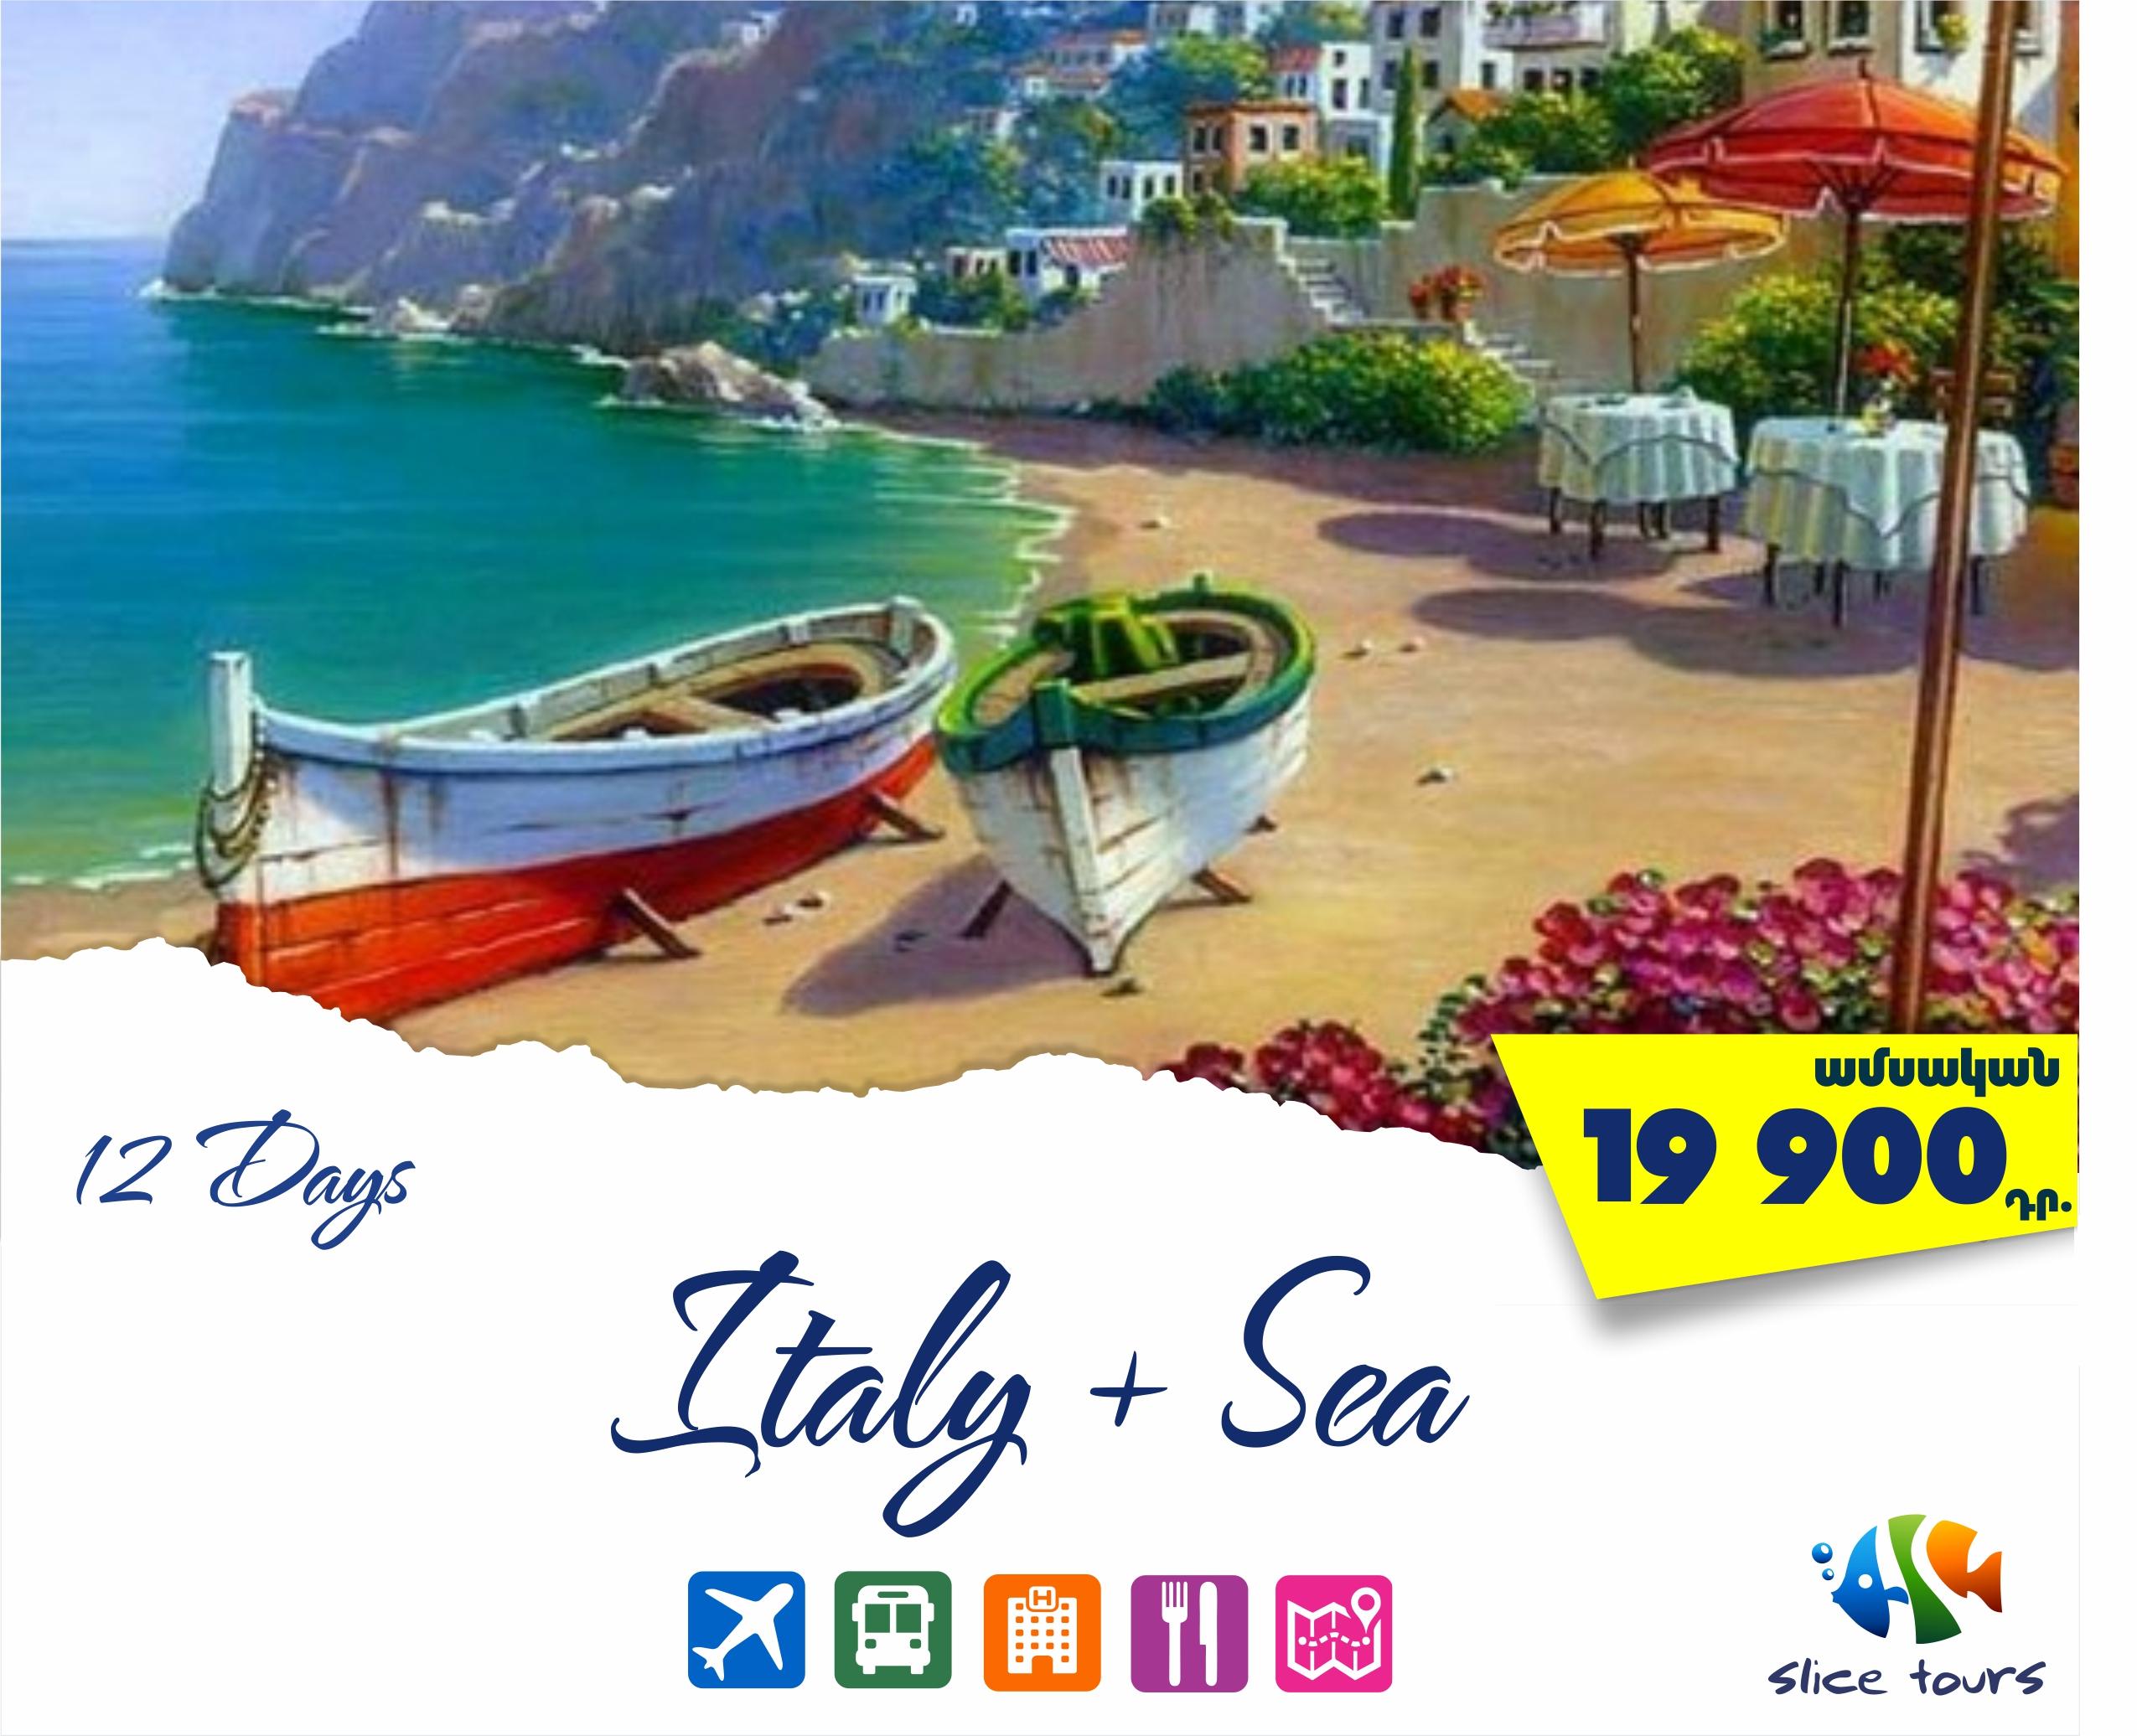 Italy + Sea